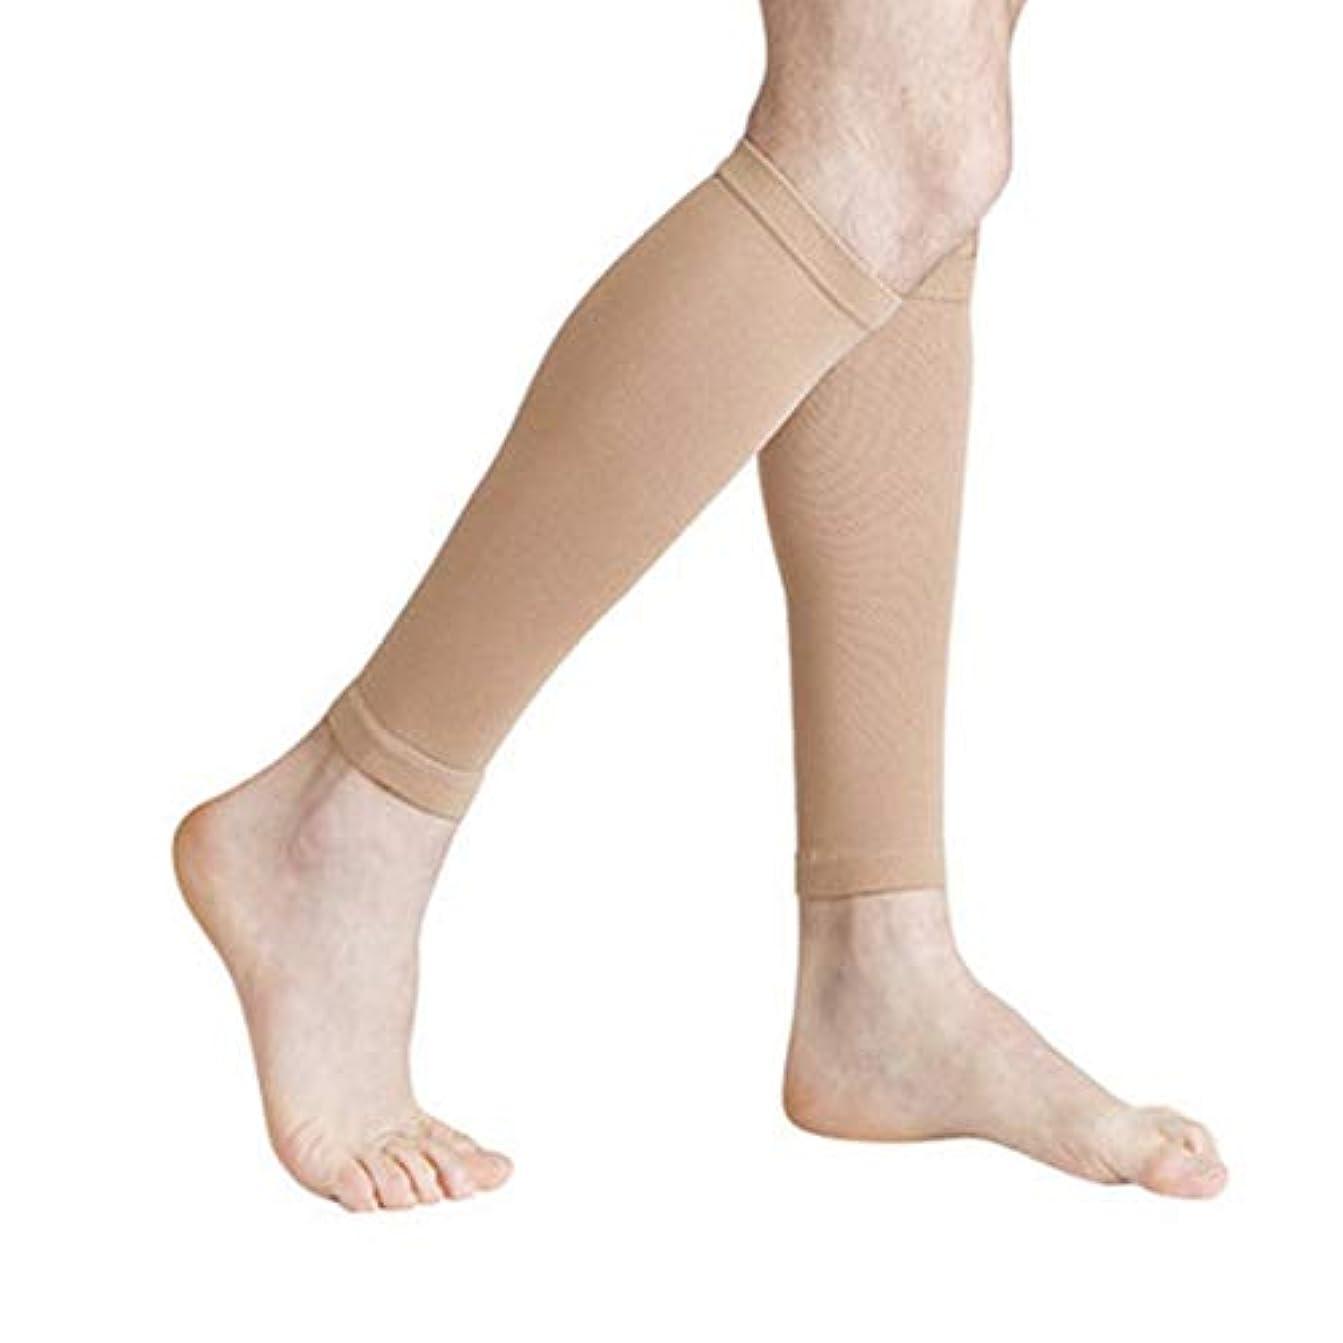 プレミアそれに応じて広がり丈夫な男性女性プロの圧縮靴下通気性のある旅行活動看護師用シントスプリントフライトトラベル - 肌色